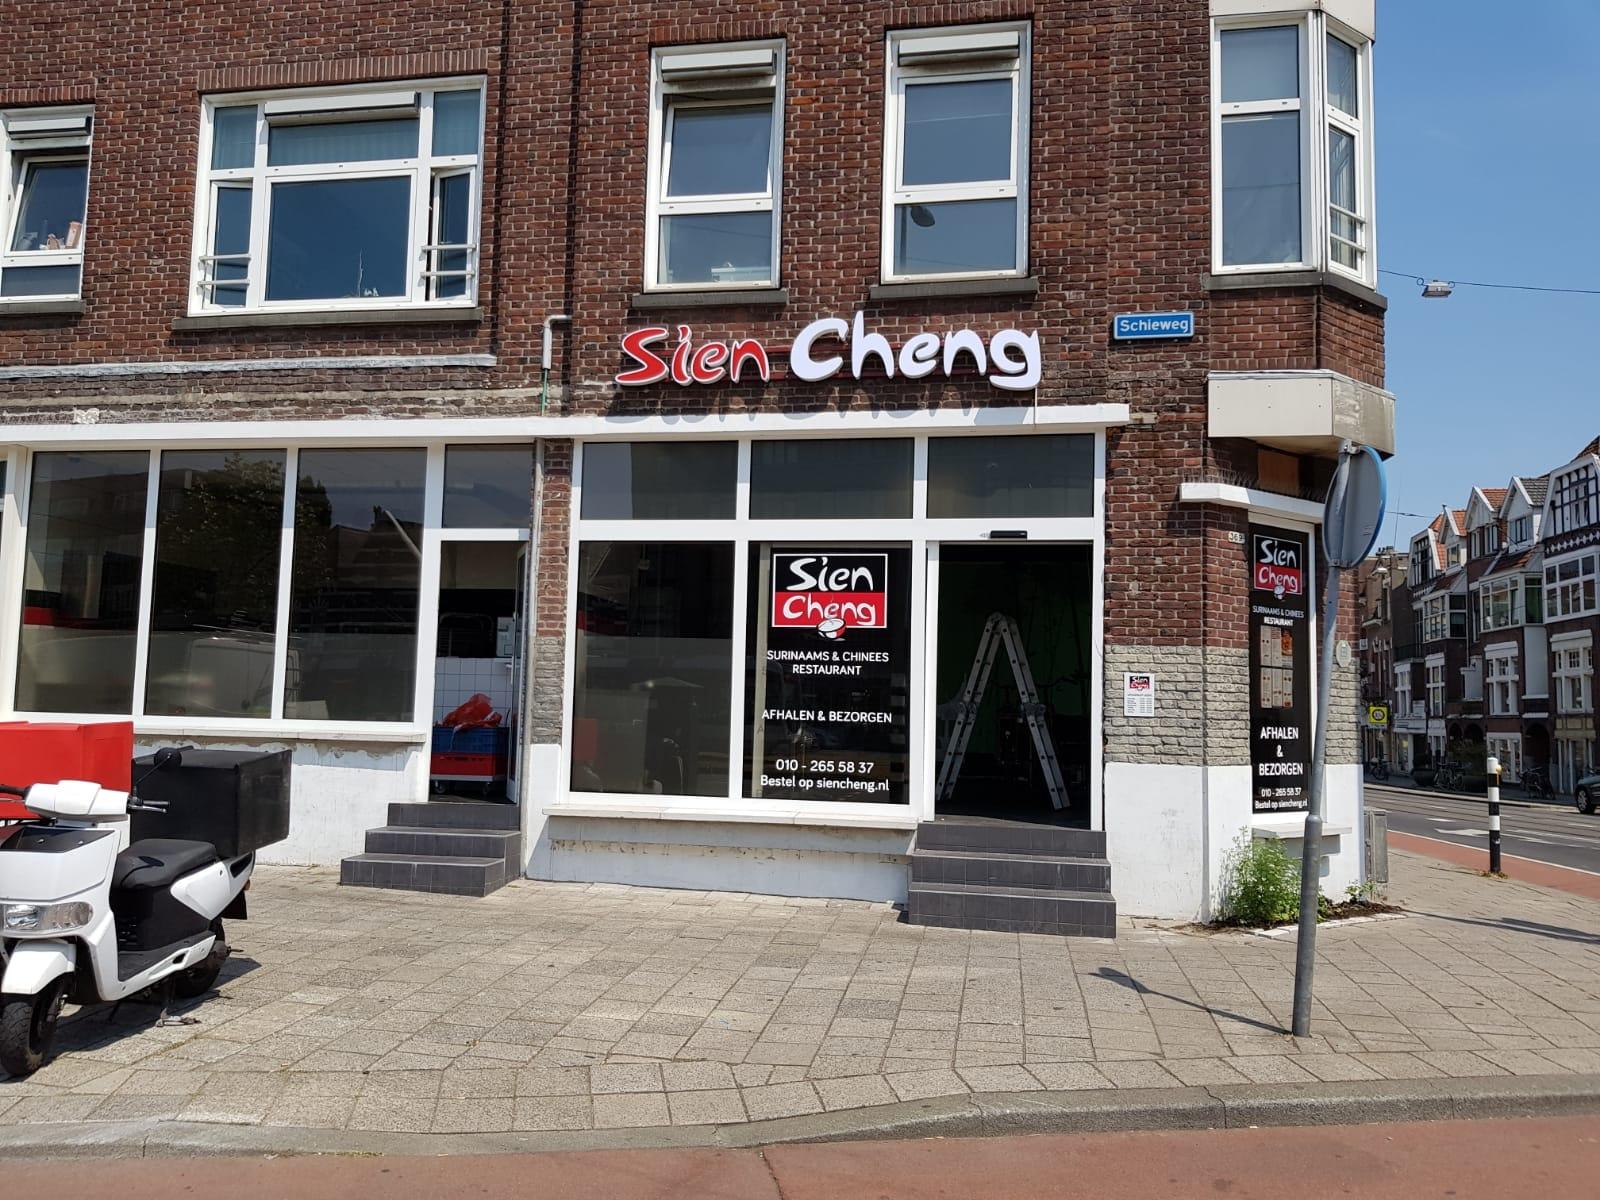 Sien Cheng